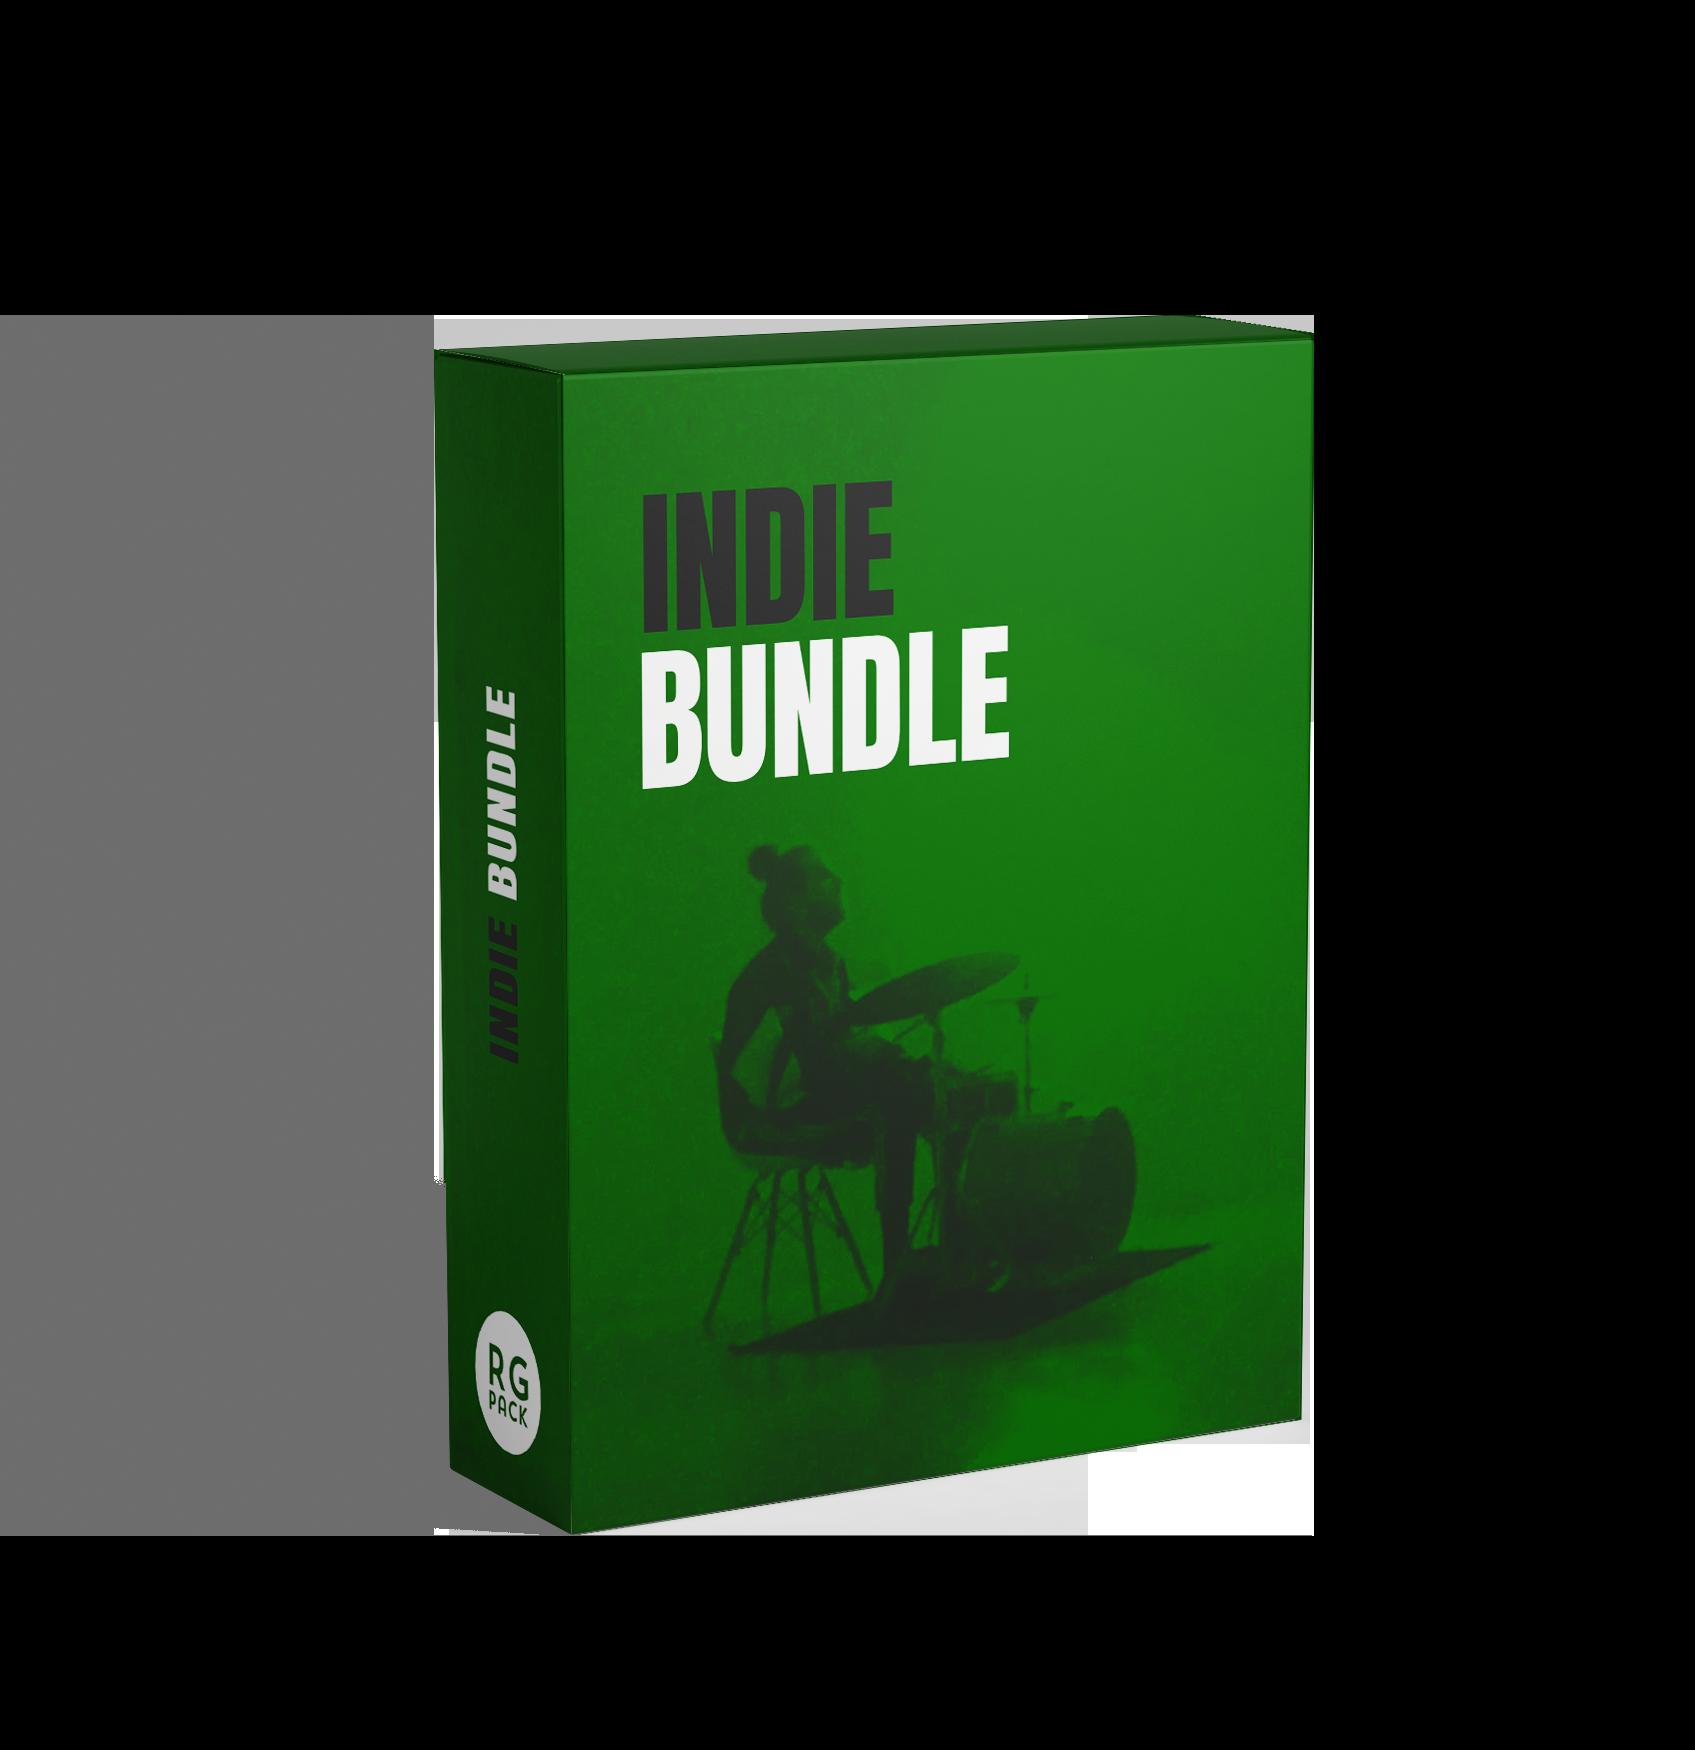 Indie Bundle